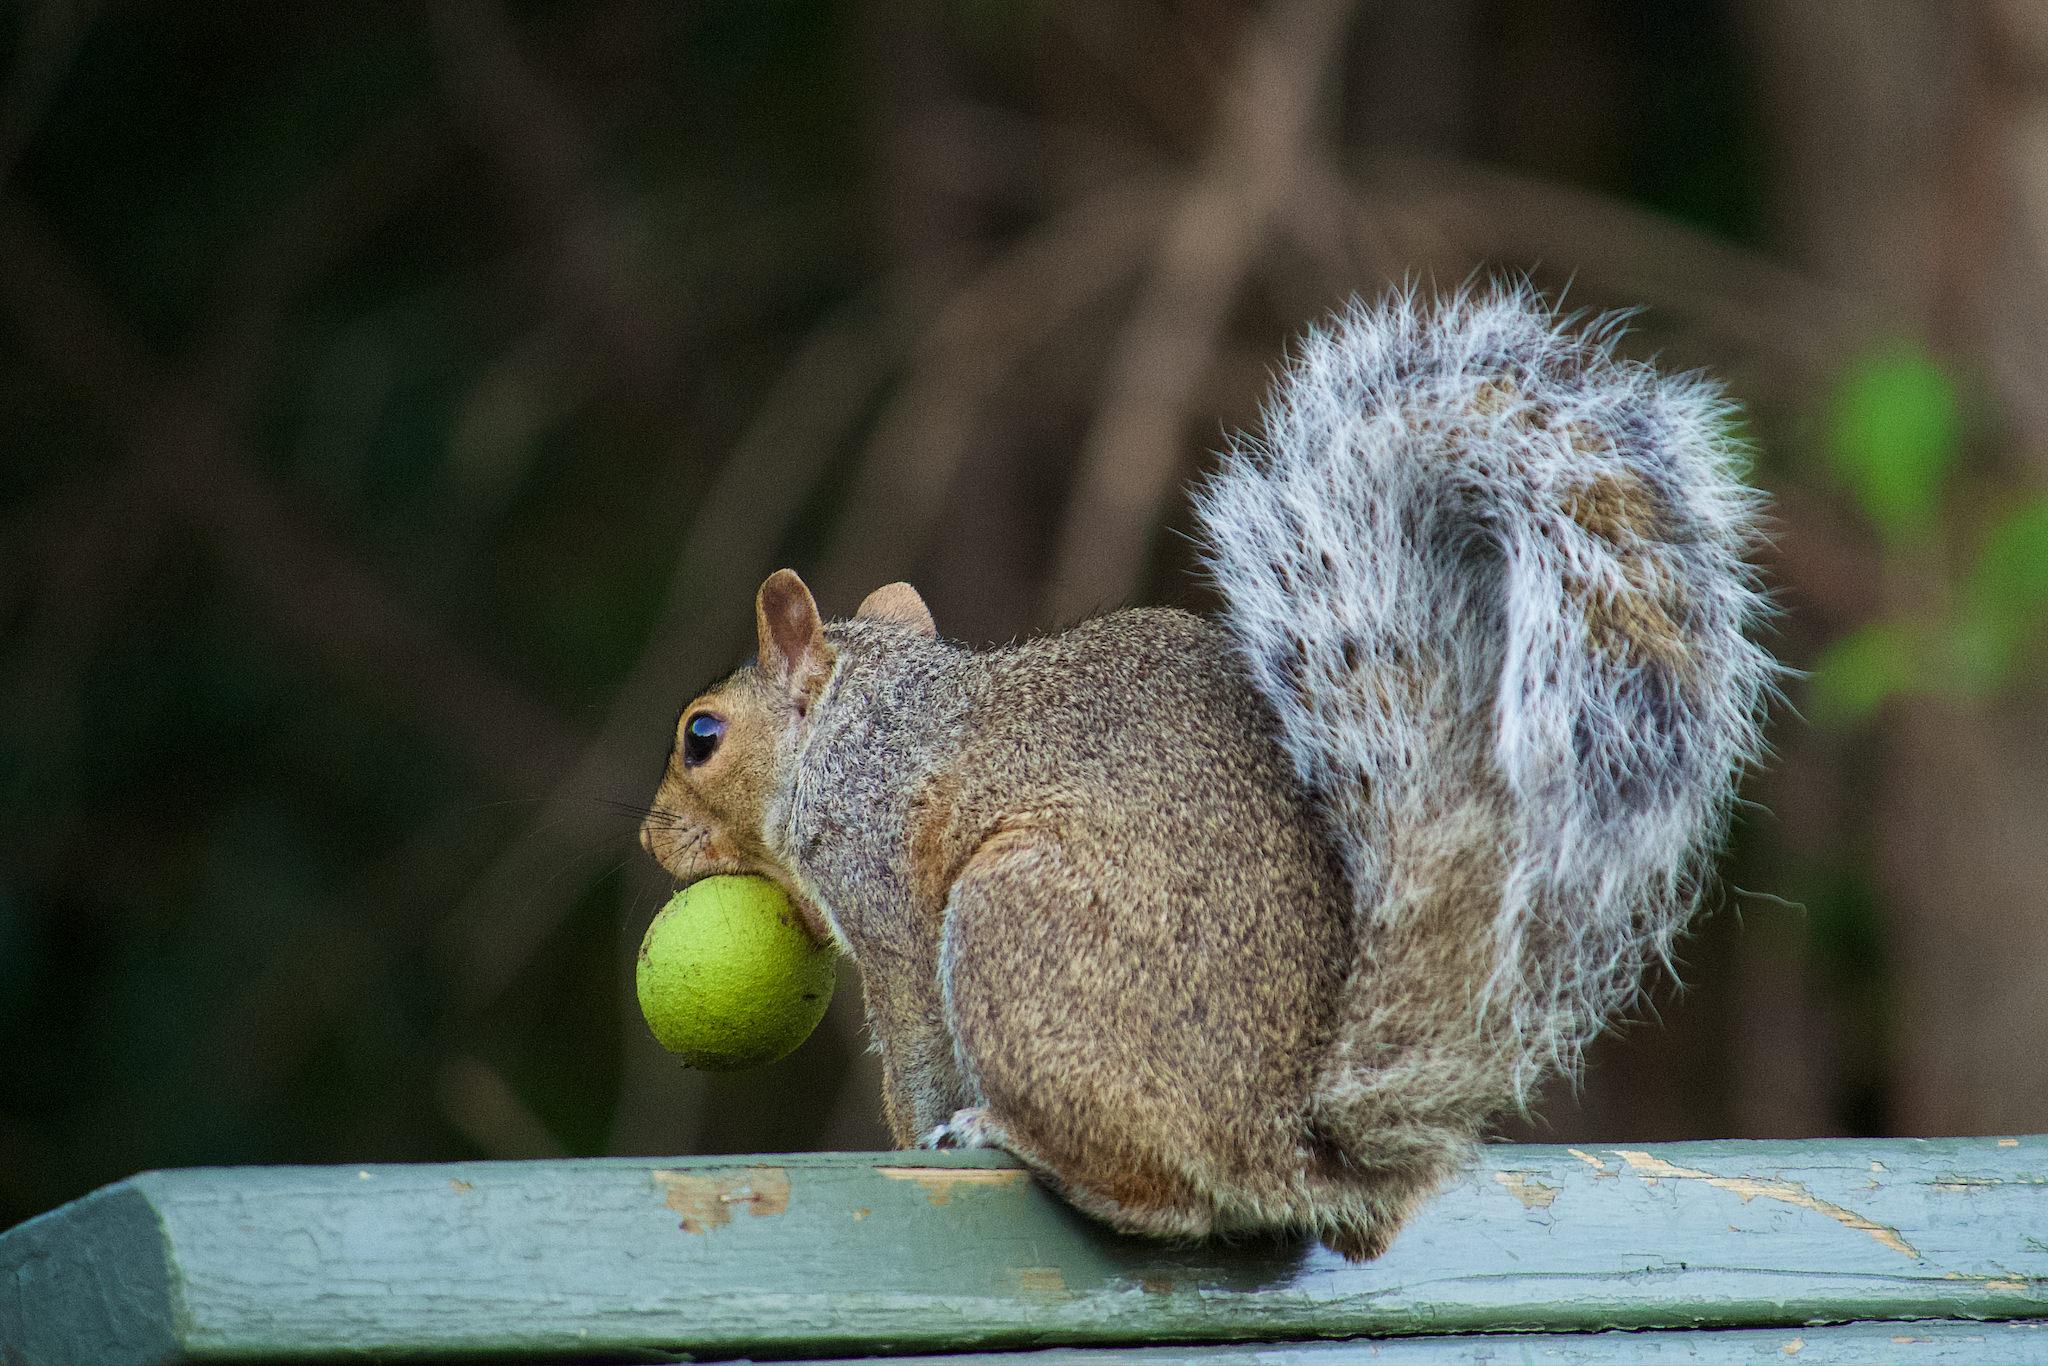 Un écureuil sur un banc avec un fruit dans la bouche, une noix?